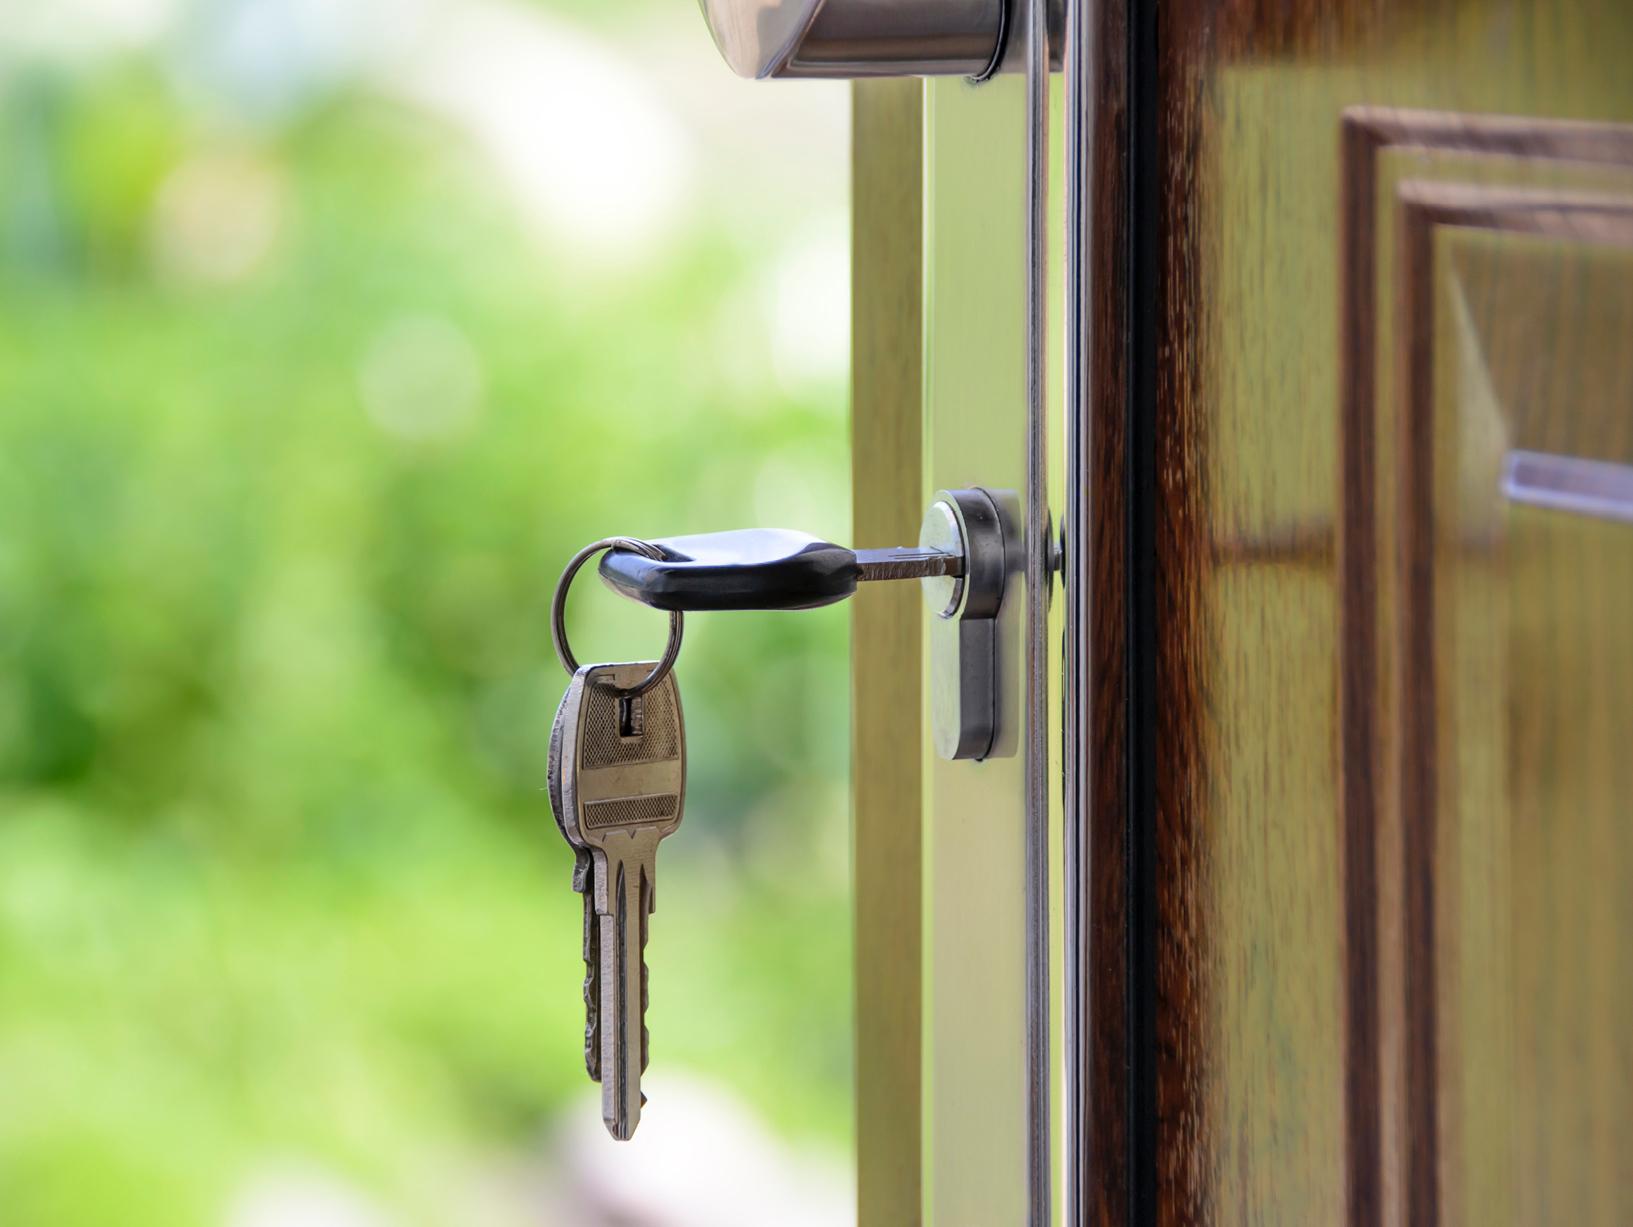 Keys hanging in a front door